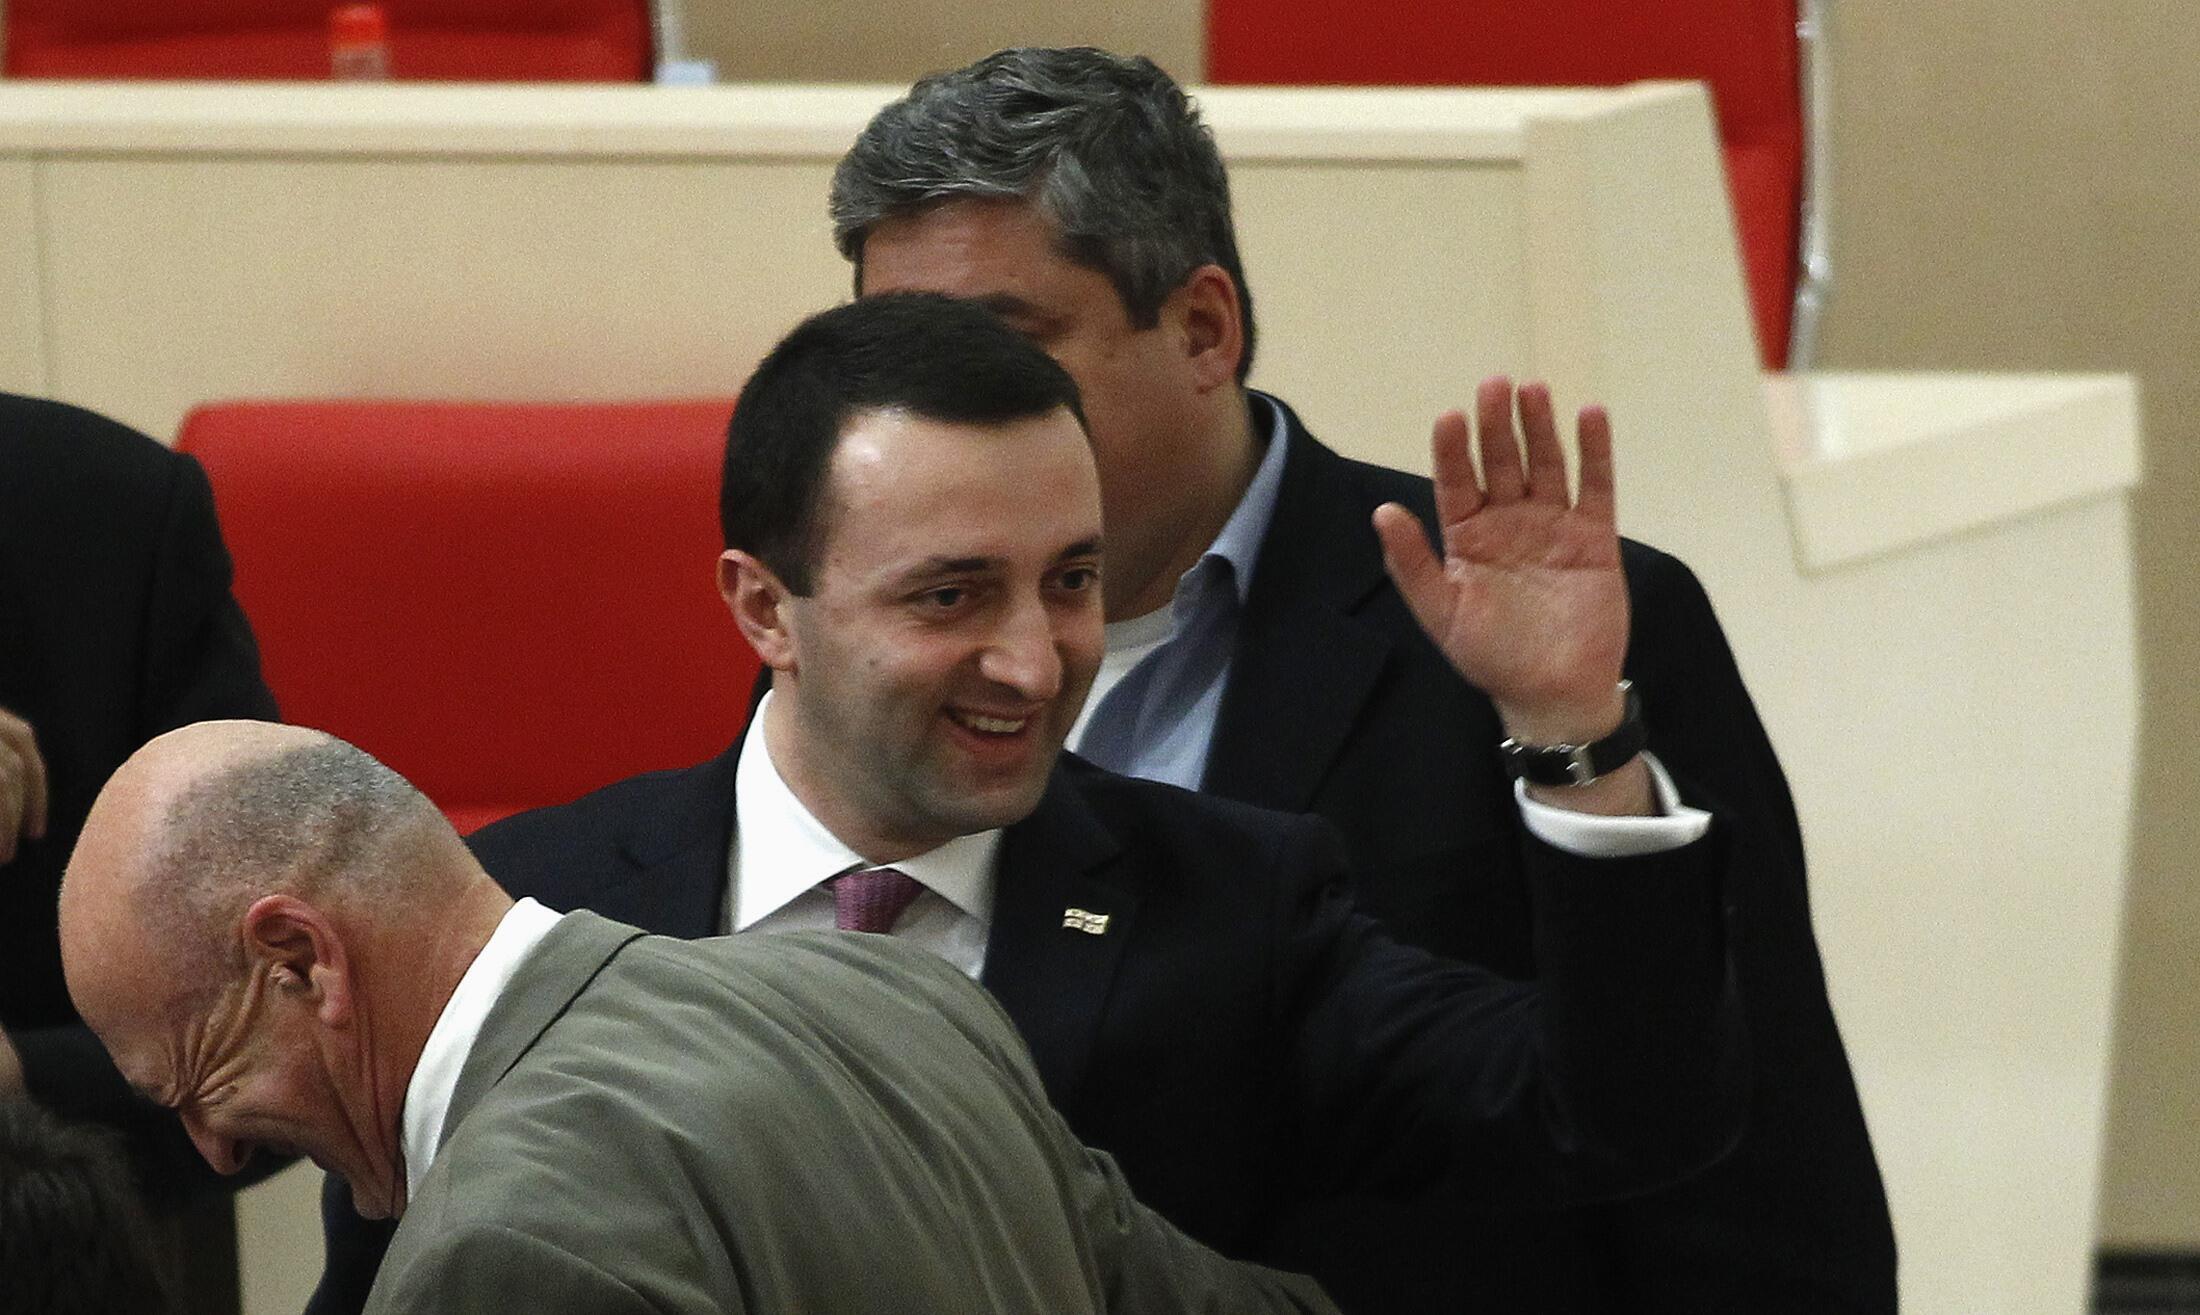 Новый премьер-министр Грузии Ираклий Гарибашвили после заседания парламента в Кутаиси 20/11/2013